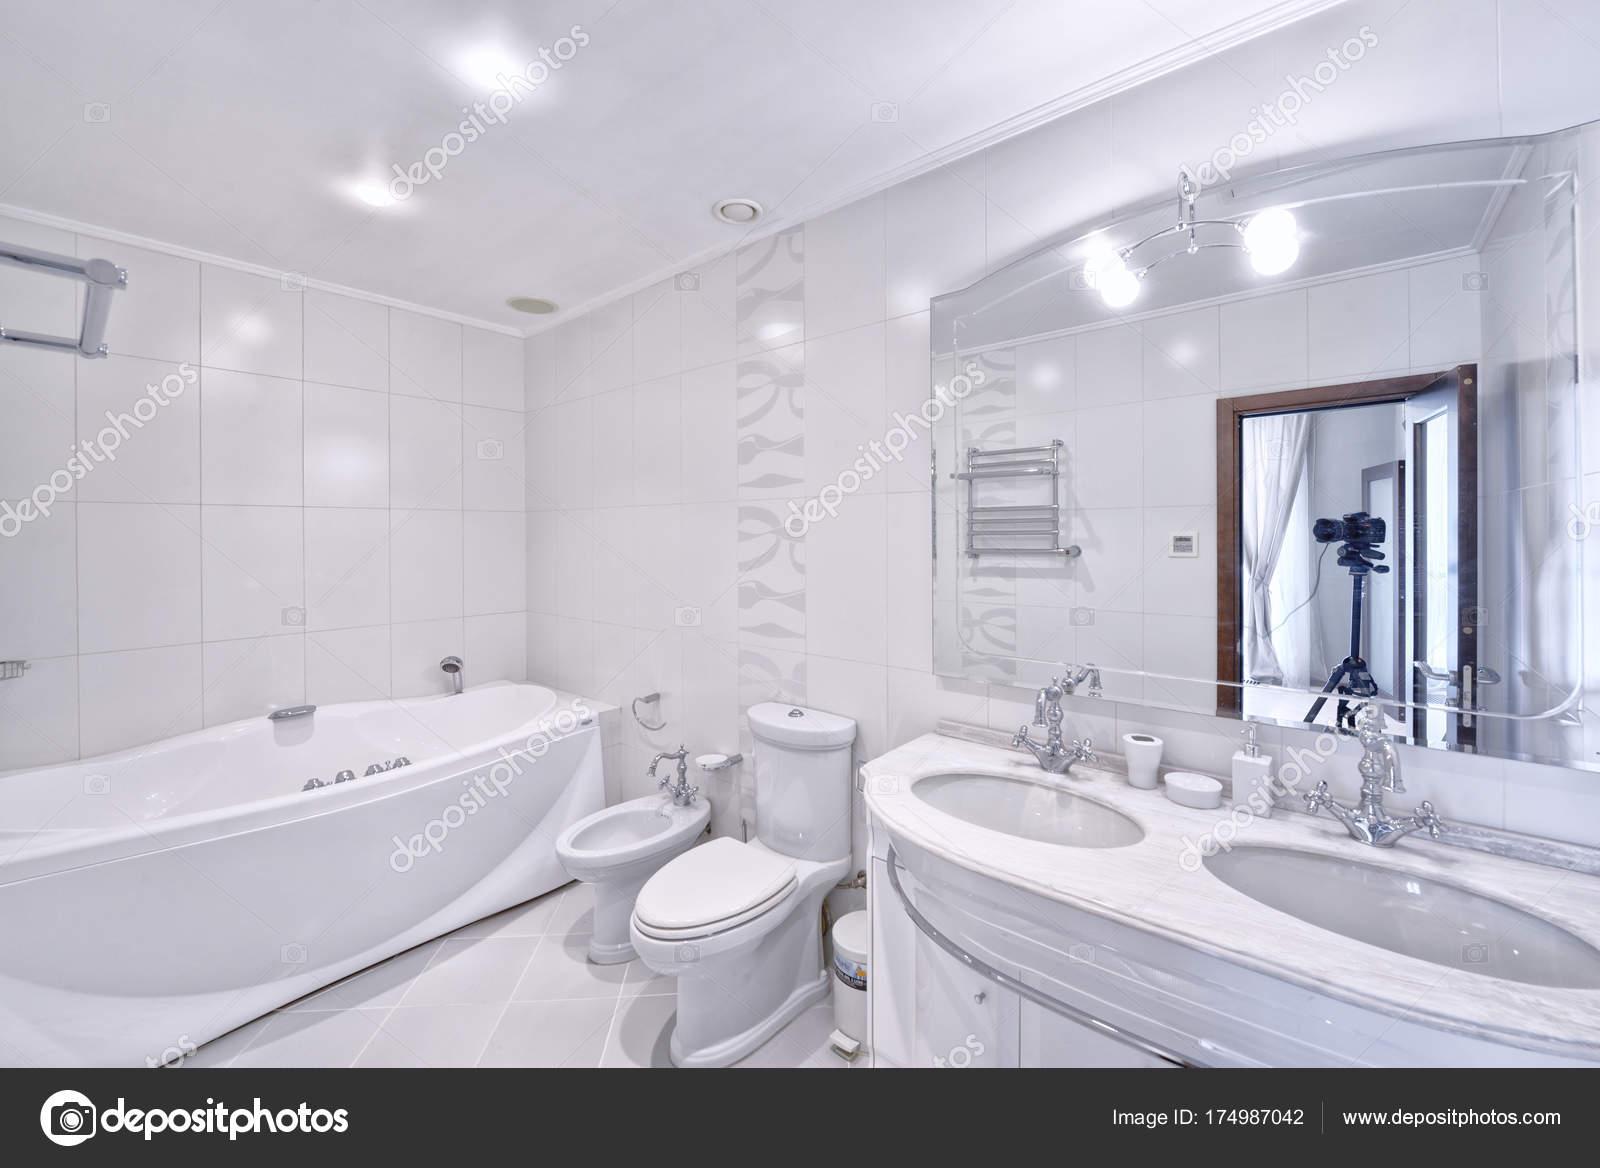 Imágenes: ducha diseño moderno | Inmobiliario Urbano Diseño Moderno ...